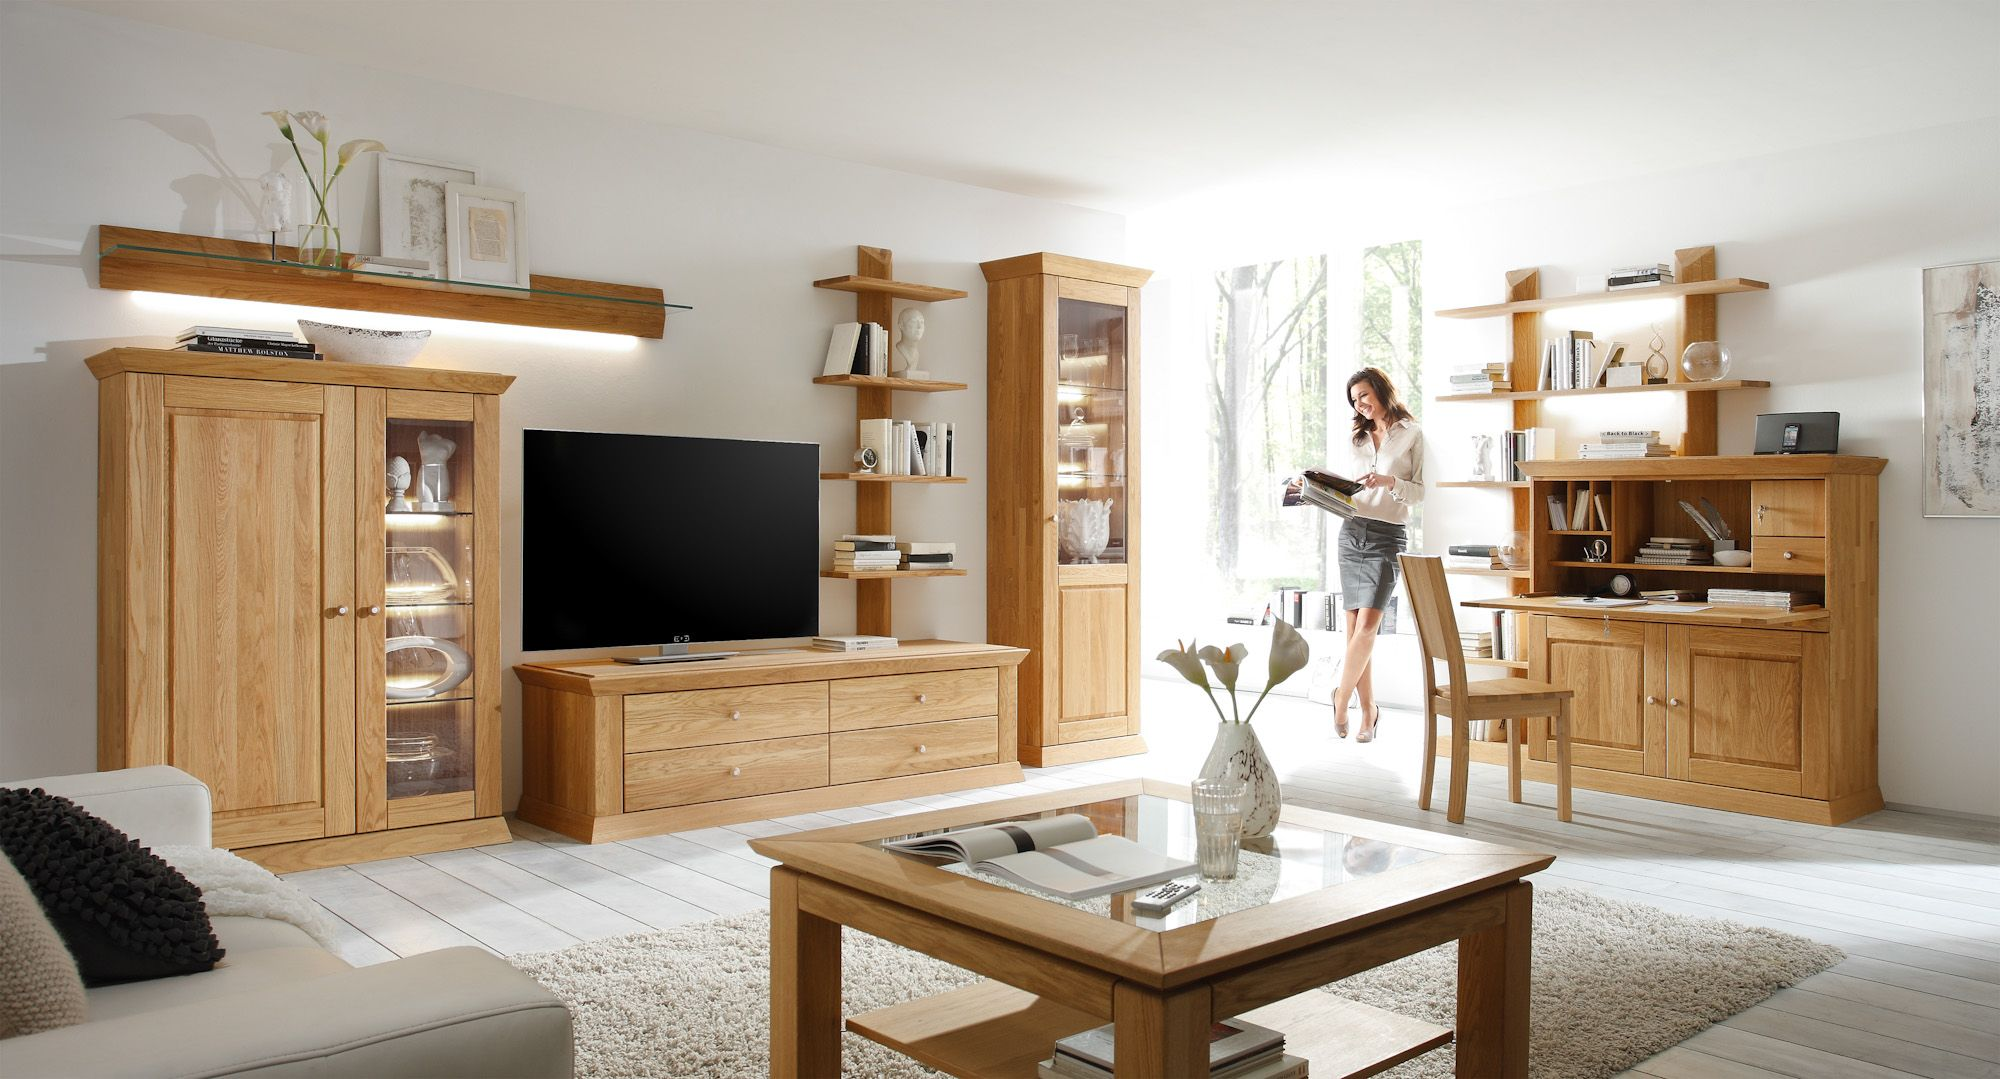 Wohnzimmermöbel Landhaus ~ Wohnzimmermöbel massivholz massivholzmöbel wohnzimmer im